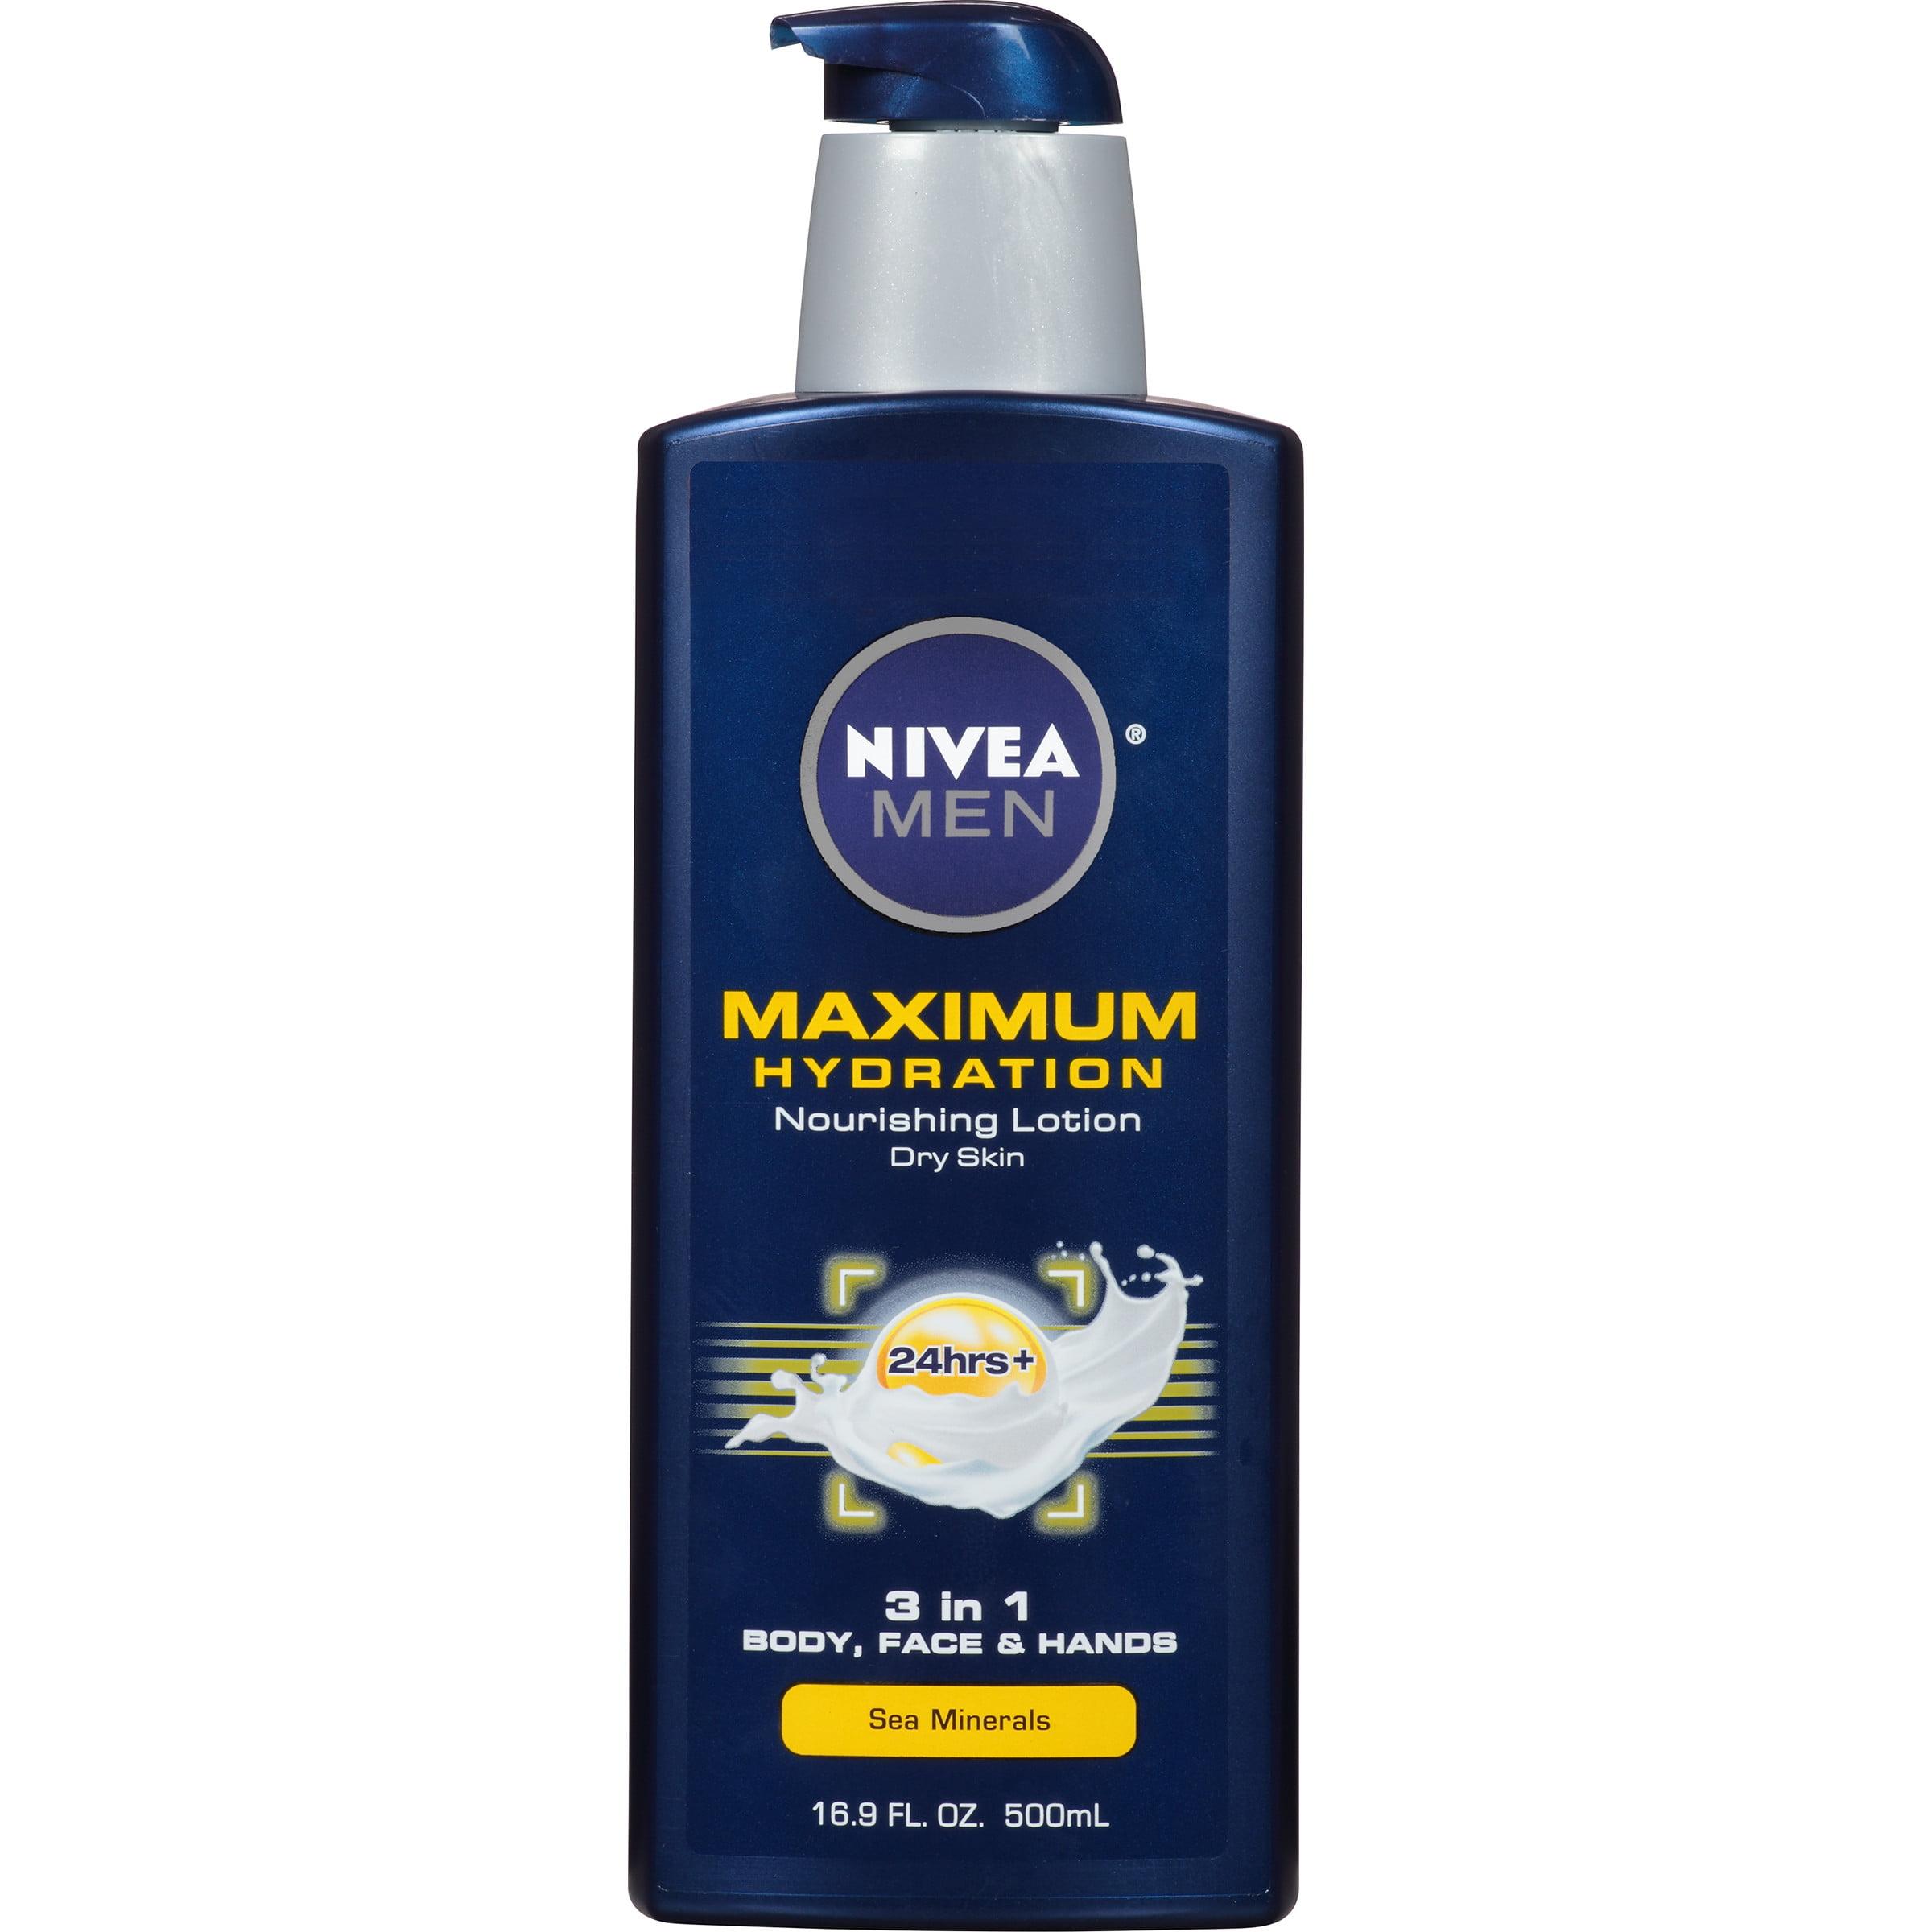 NIVEA Men Maximum Hydration 3 in 1 Nourishing Lotion 16.9 fl. oz.